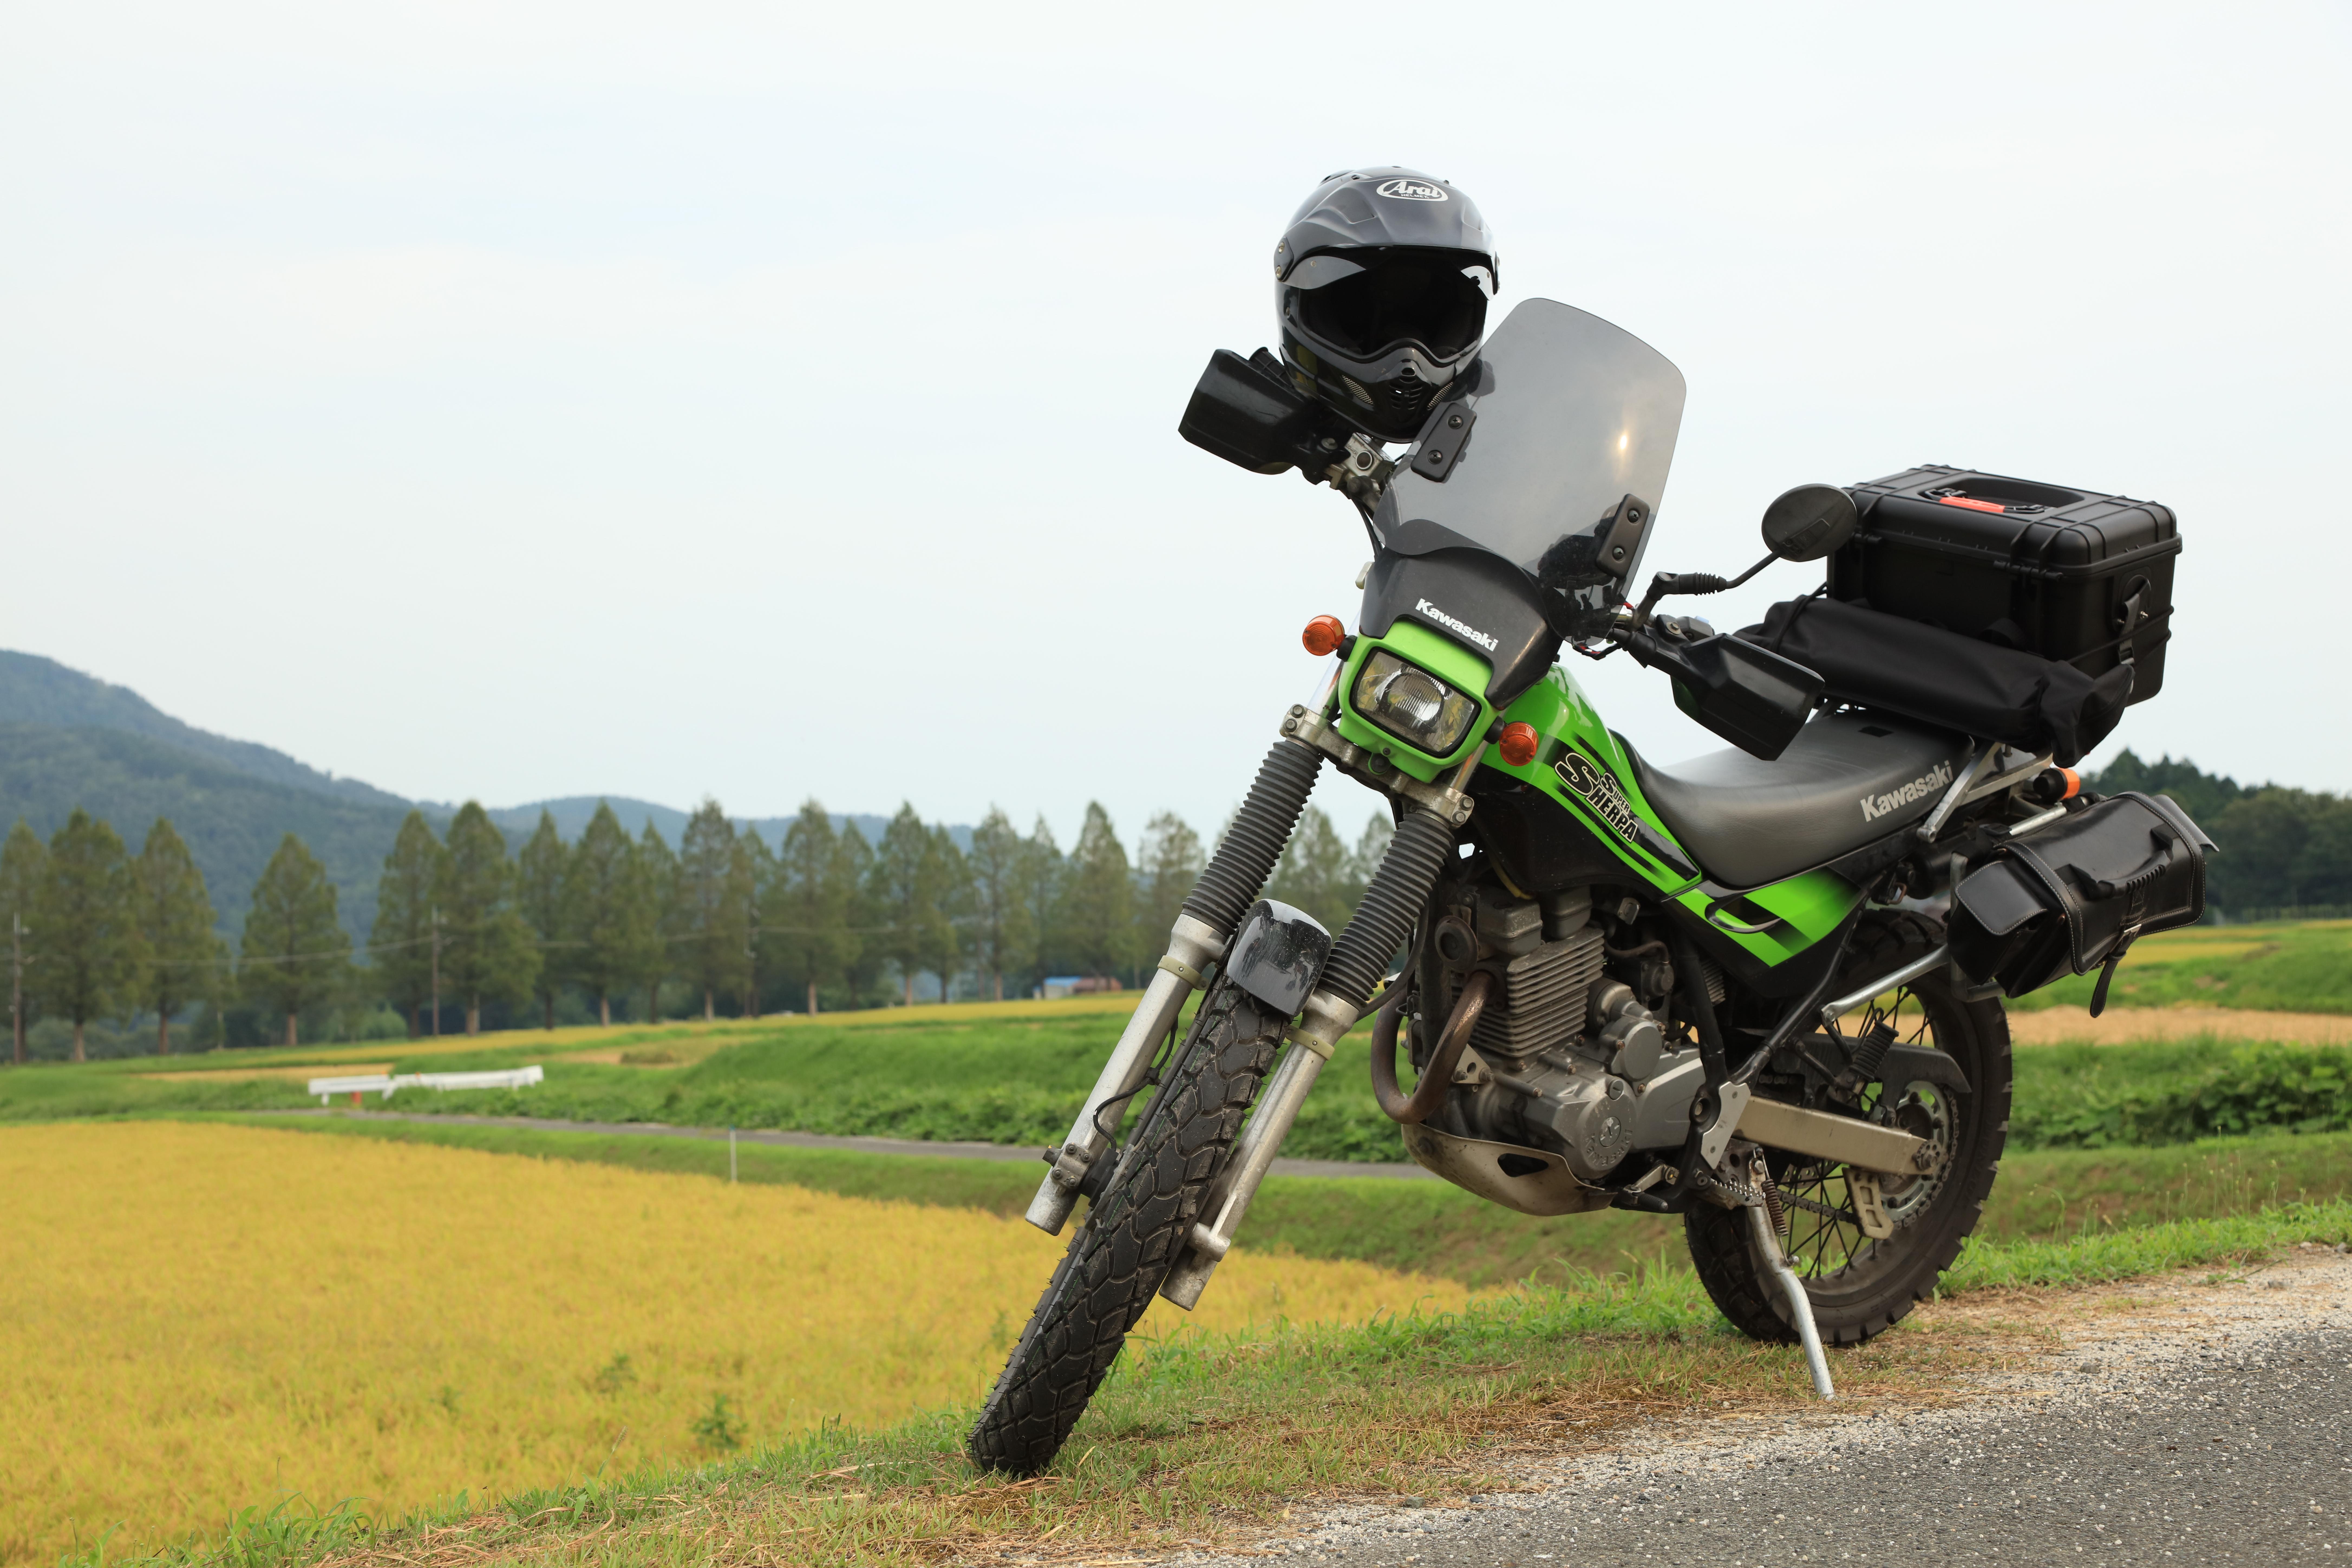 カワサキ・スーパーシェルパ アライ ヘルメット ツーリング バイク オートバイ オフロード